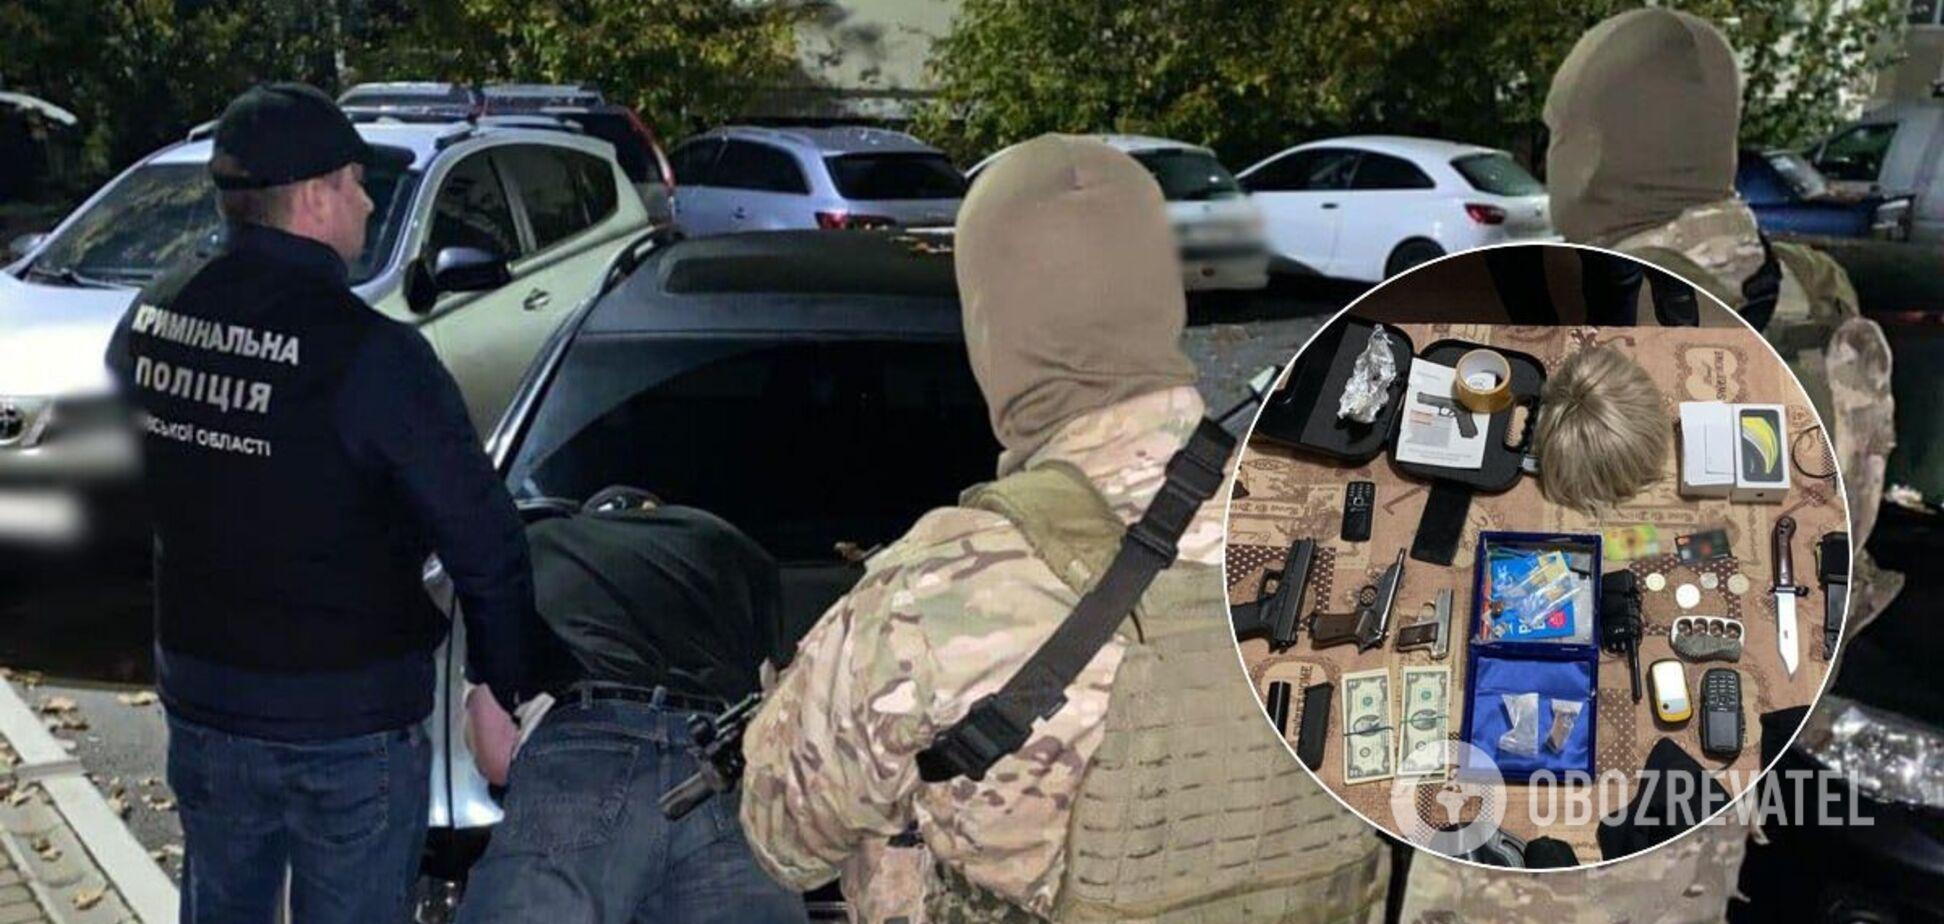 На Київщині викрали й катували місцевого підприємця, вимагаючи 2 млн дол